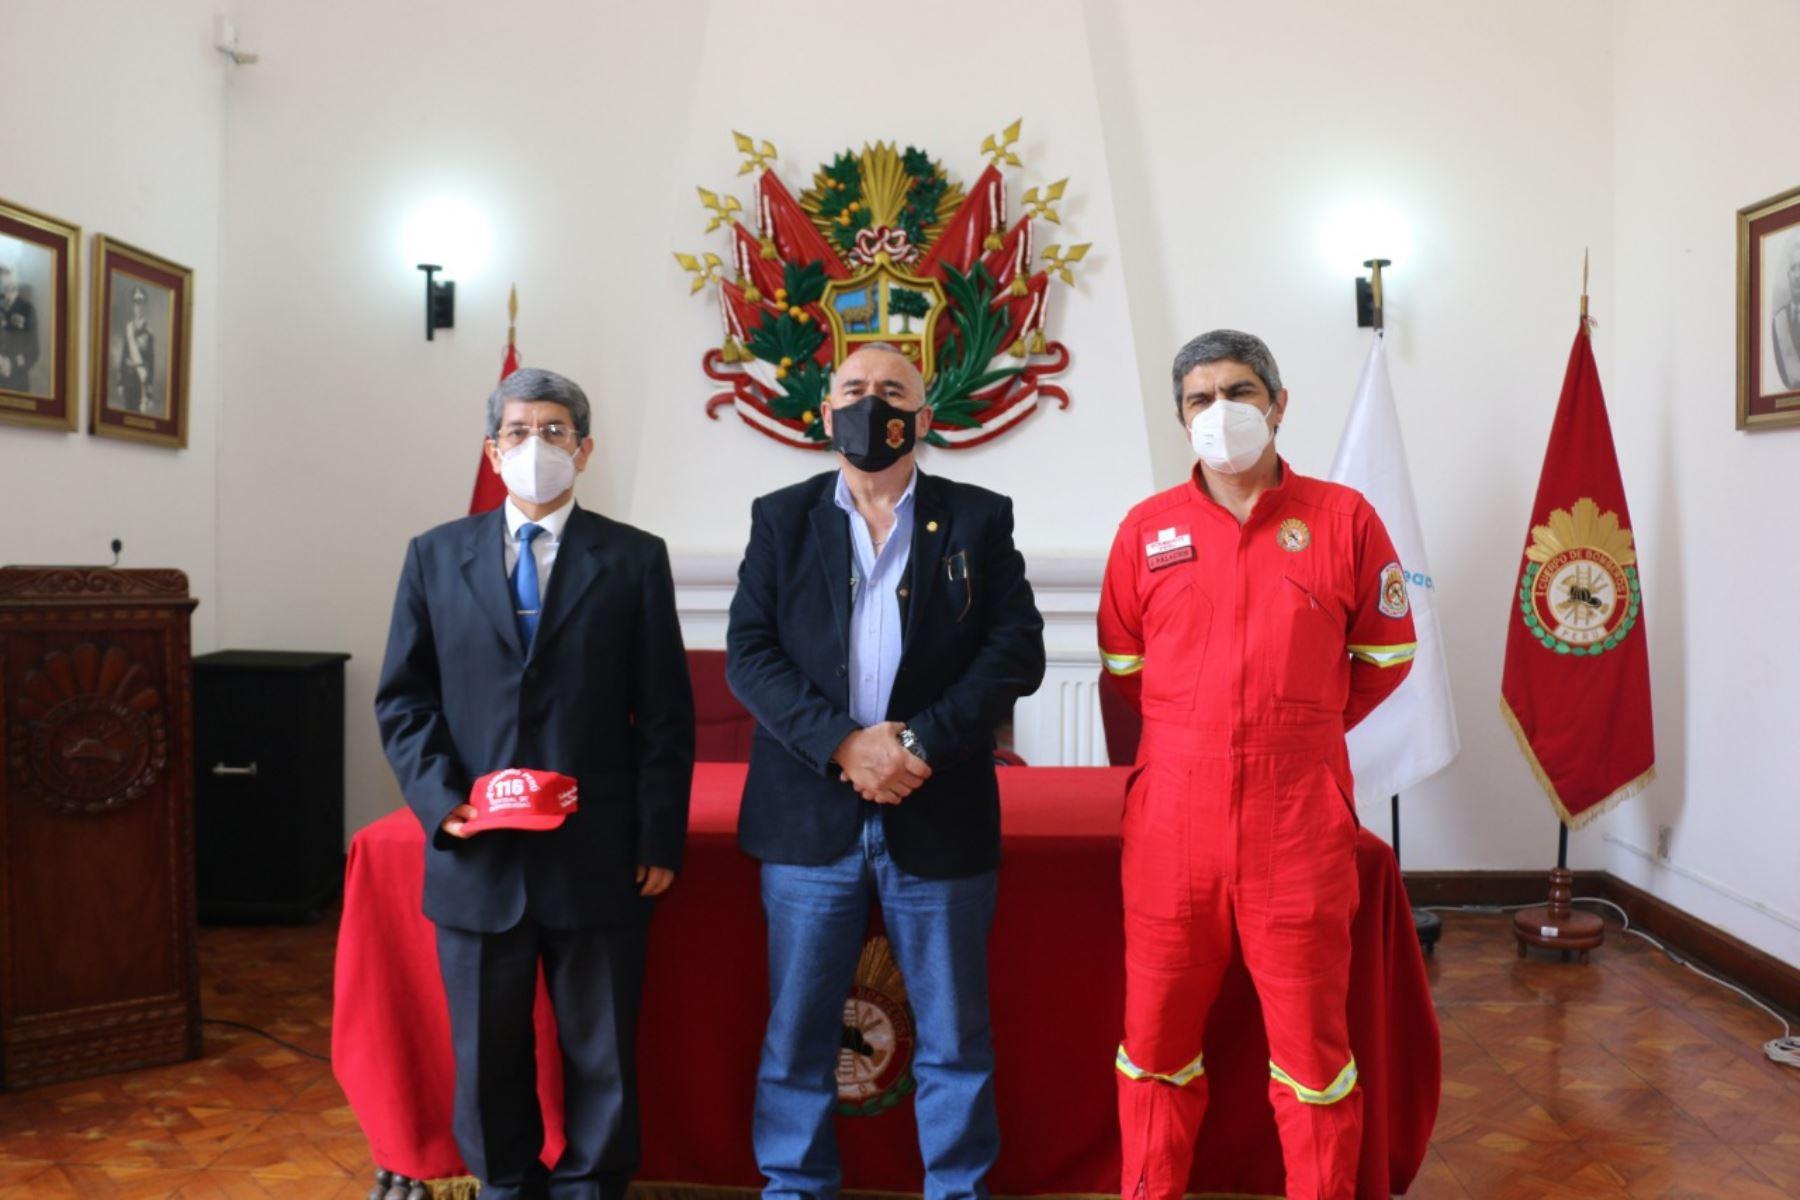 De izquierda a derecha, el presidente del Sineace, Carlos Barreda, y los representantes del CGBVP Luis Ponce La Jara y Jaime Palacios Ferrari.